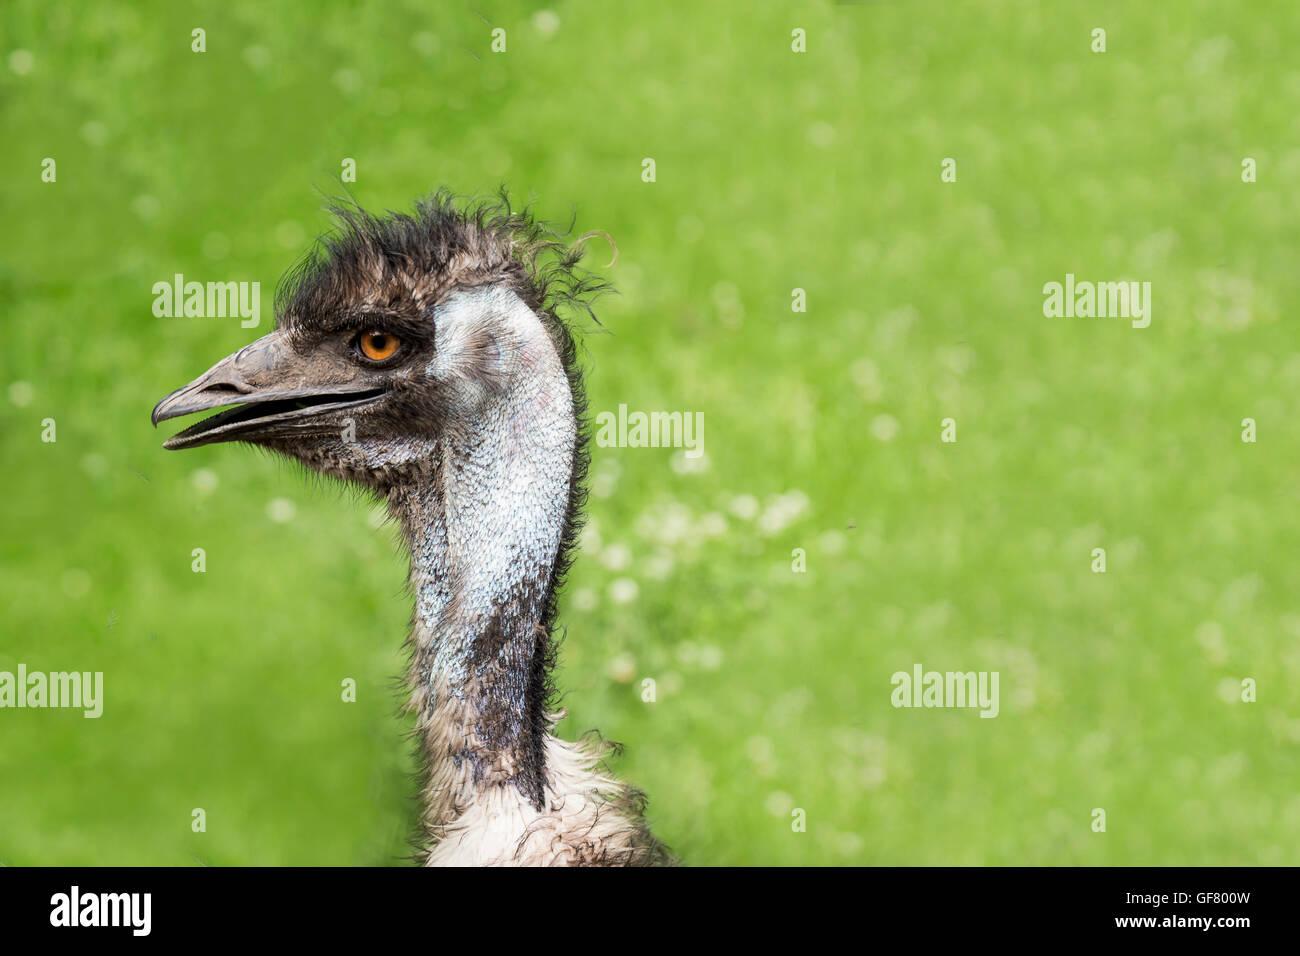 Ein Emu am Toronto Zoo, Canada. Stockbild